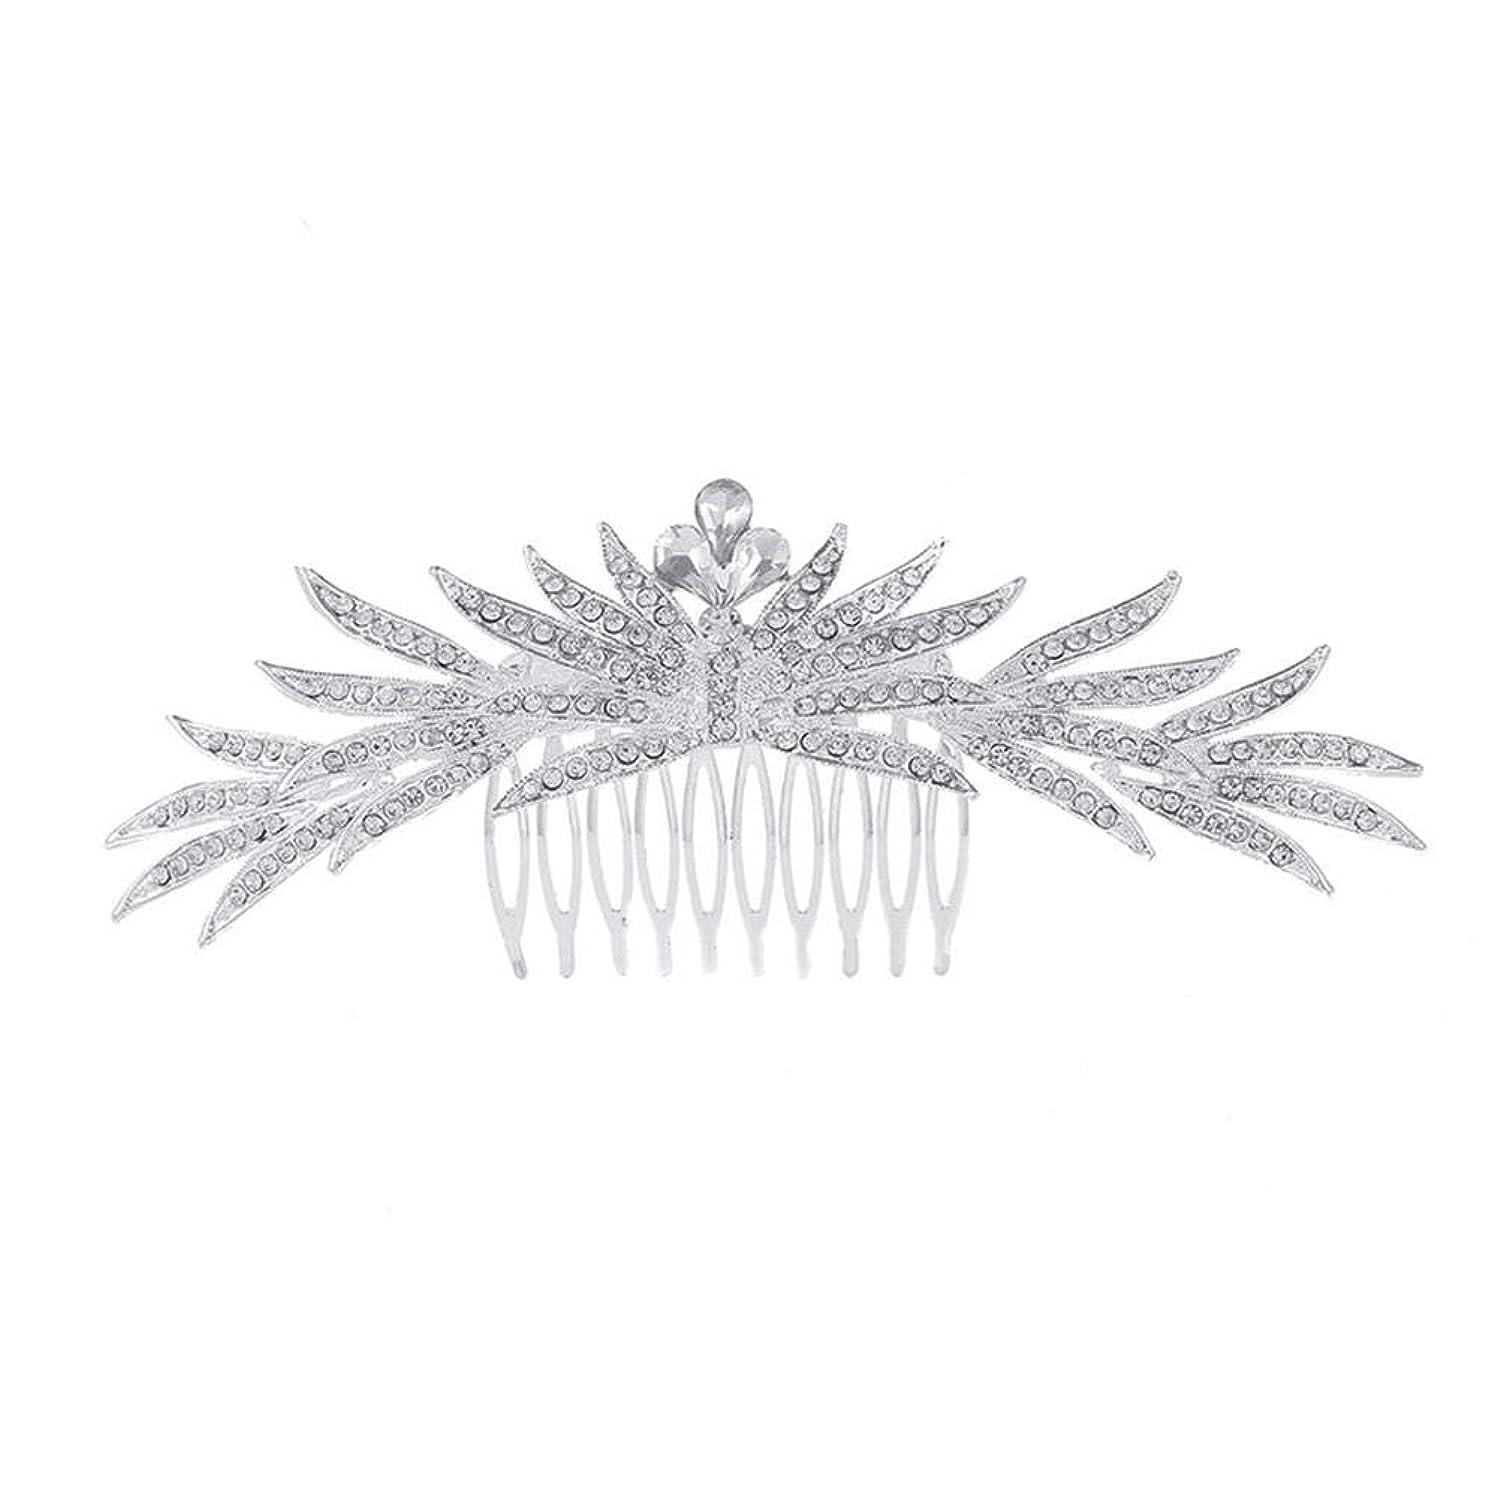 花瓶哲学ビット髪の櫛の櫛の櫛花嫁の髪の櫛ラインストーンの櫛亜鉛合金ブライダルヘッドドレス結婚式のアクセサリー挿入櫛